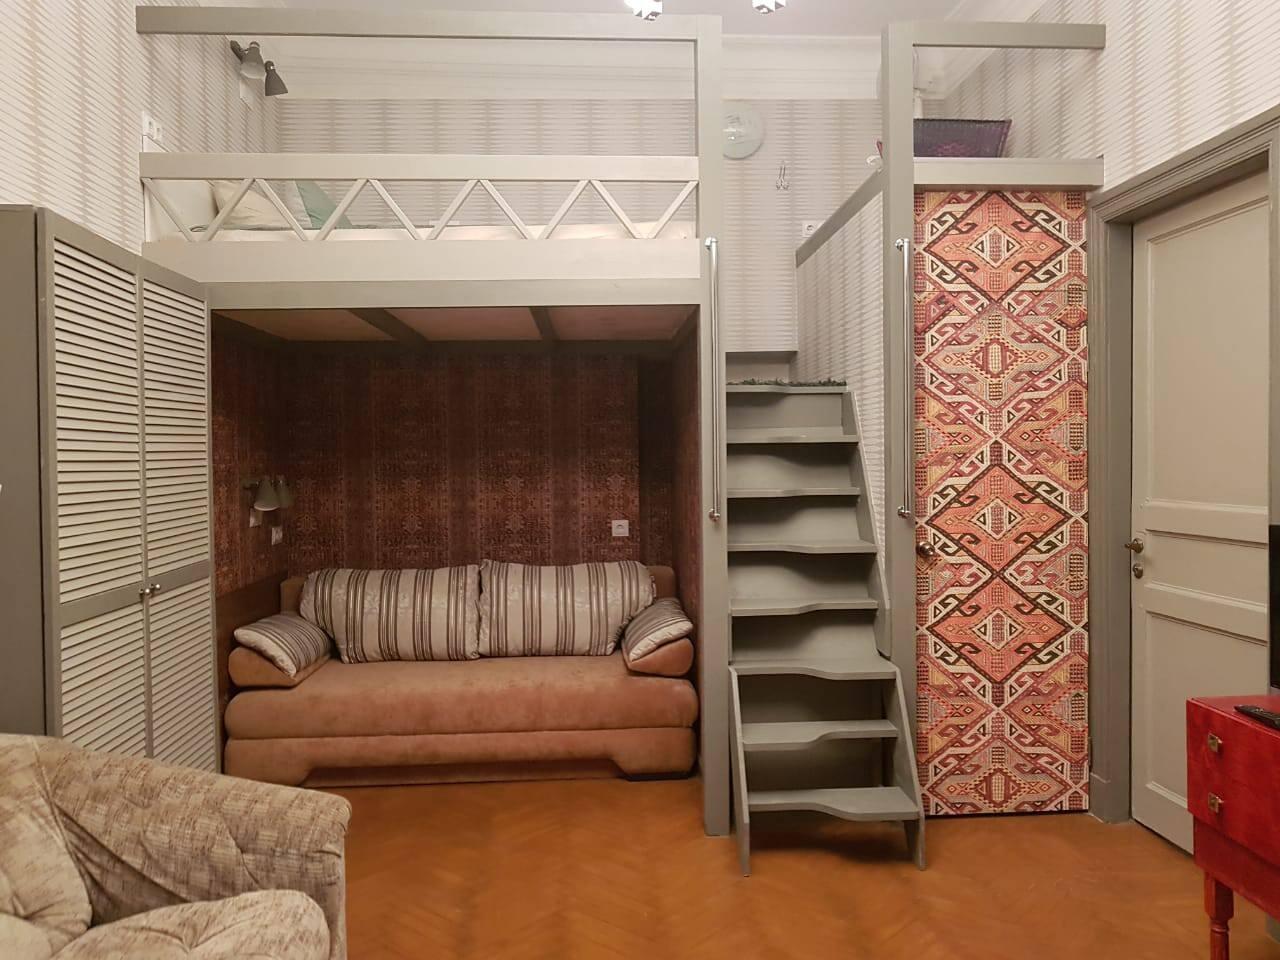 Гостиная с двуспальным диваном внизу и двойным спальным местом на антресолях